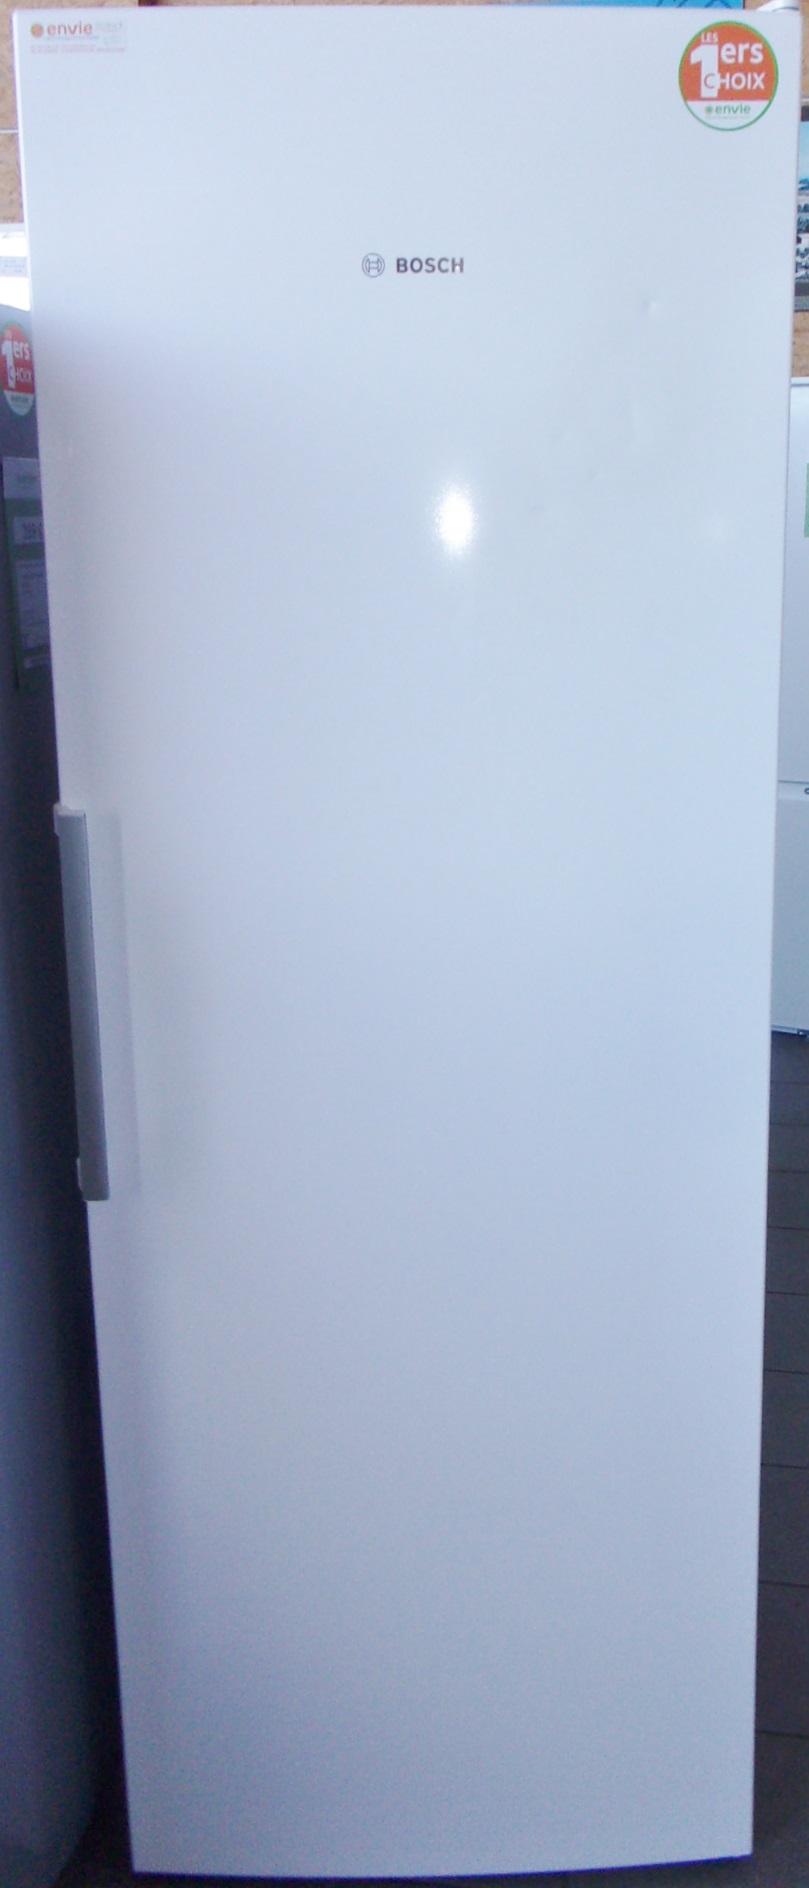 Cong lateur armoire 360 litres bosch envie anjou - Congelateur armoire 360 litres ...